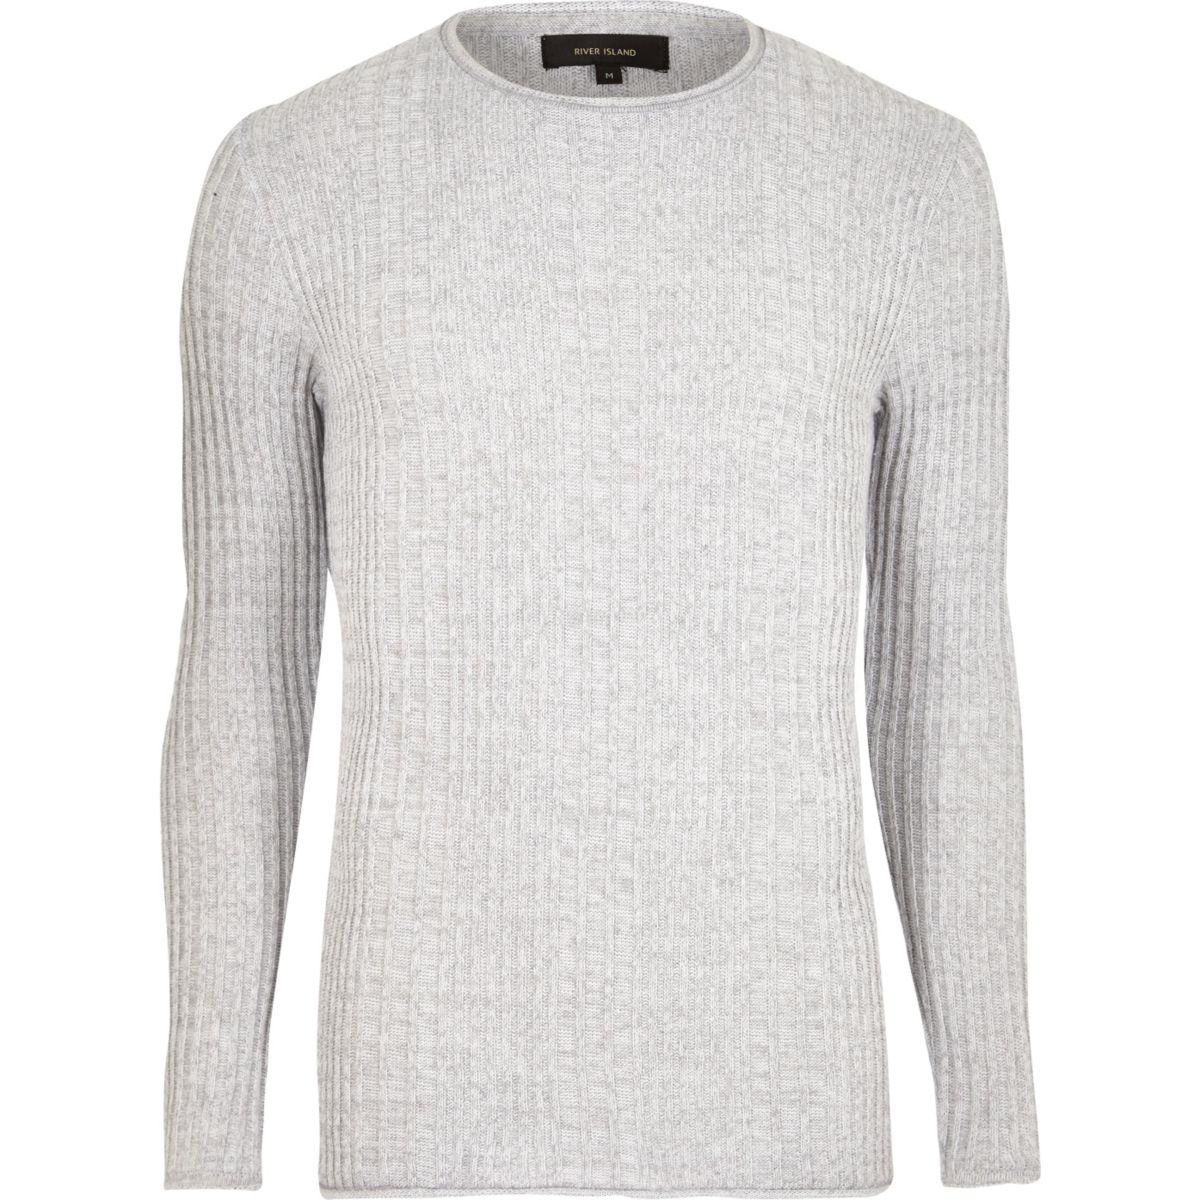 Light grey rib knit crew neck jumper